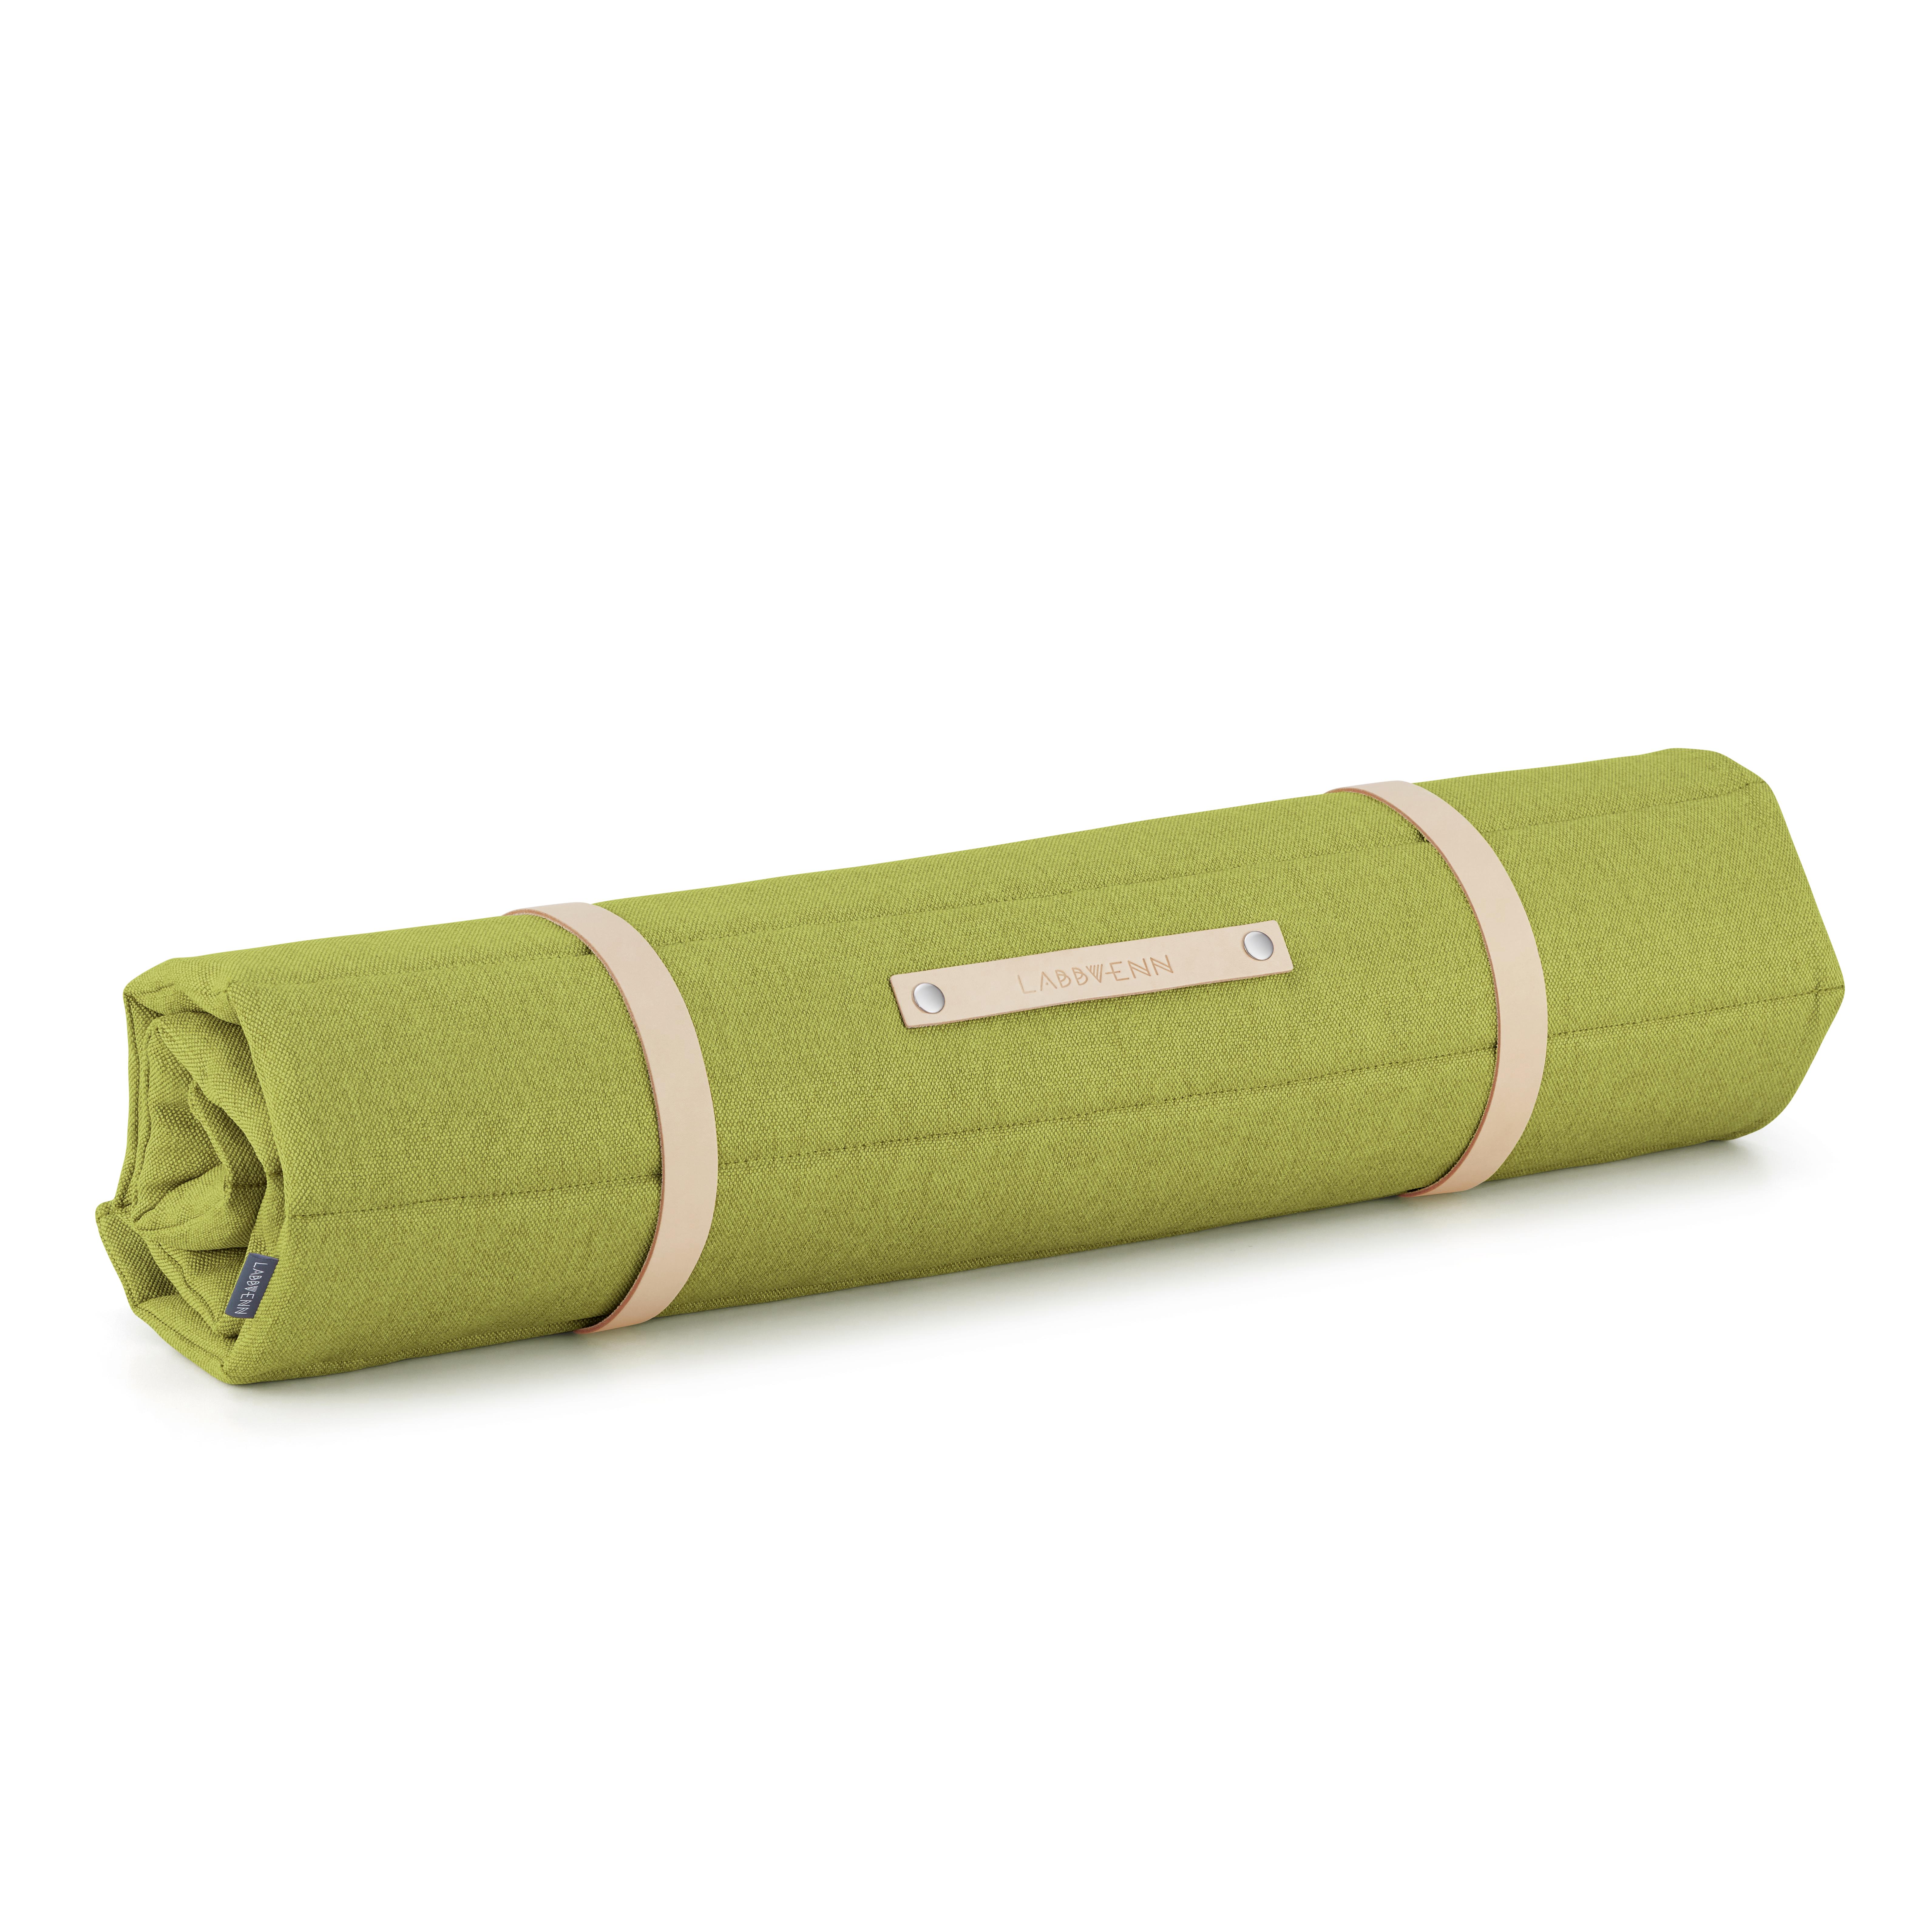 Hundematte FOSSER Labbvenn grün